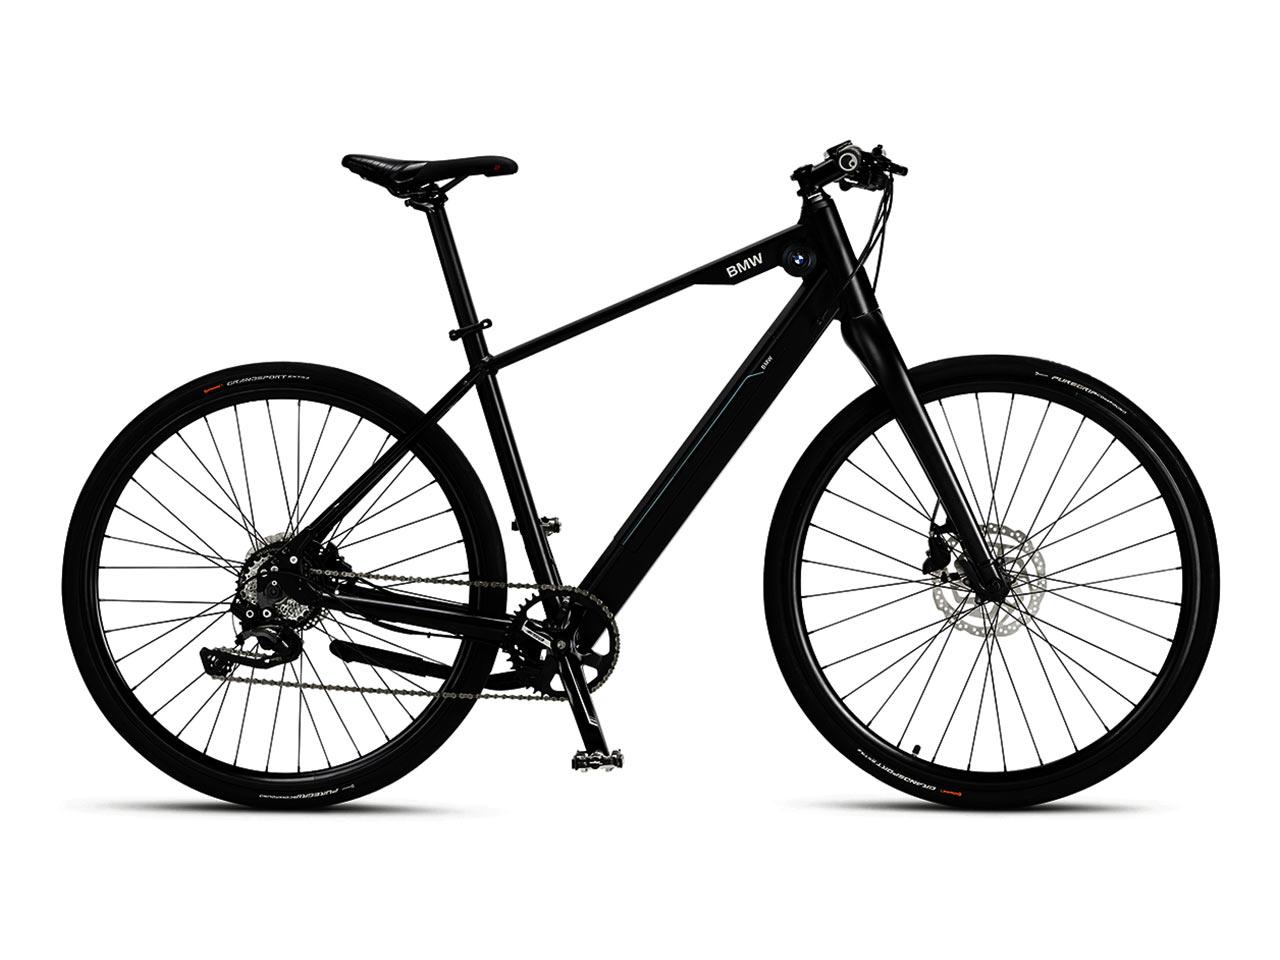 Ηλεκτρικό Ποδήλατο BMW Urban Hybrid